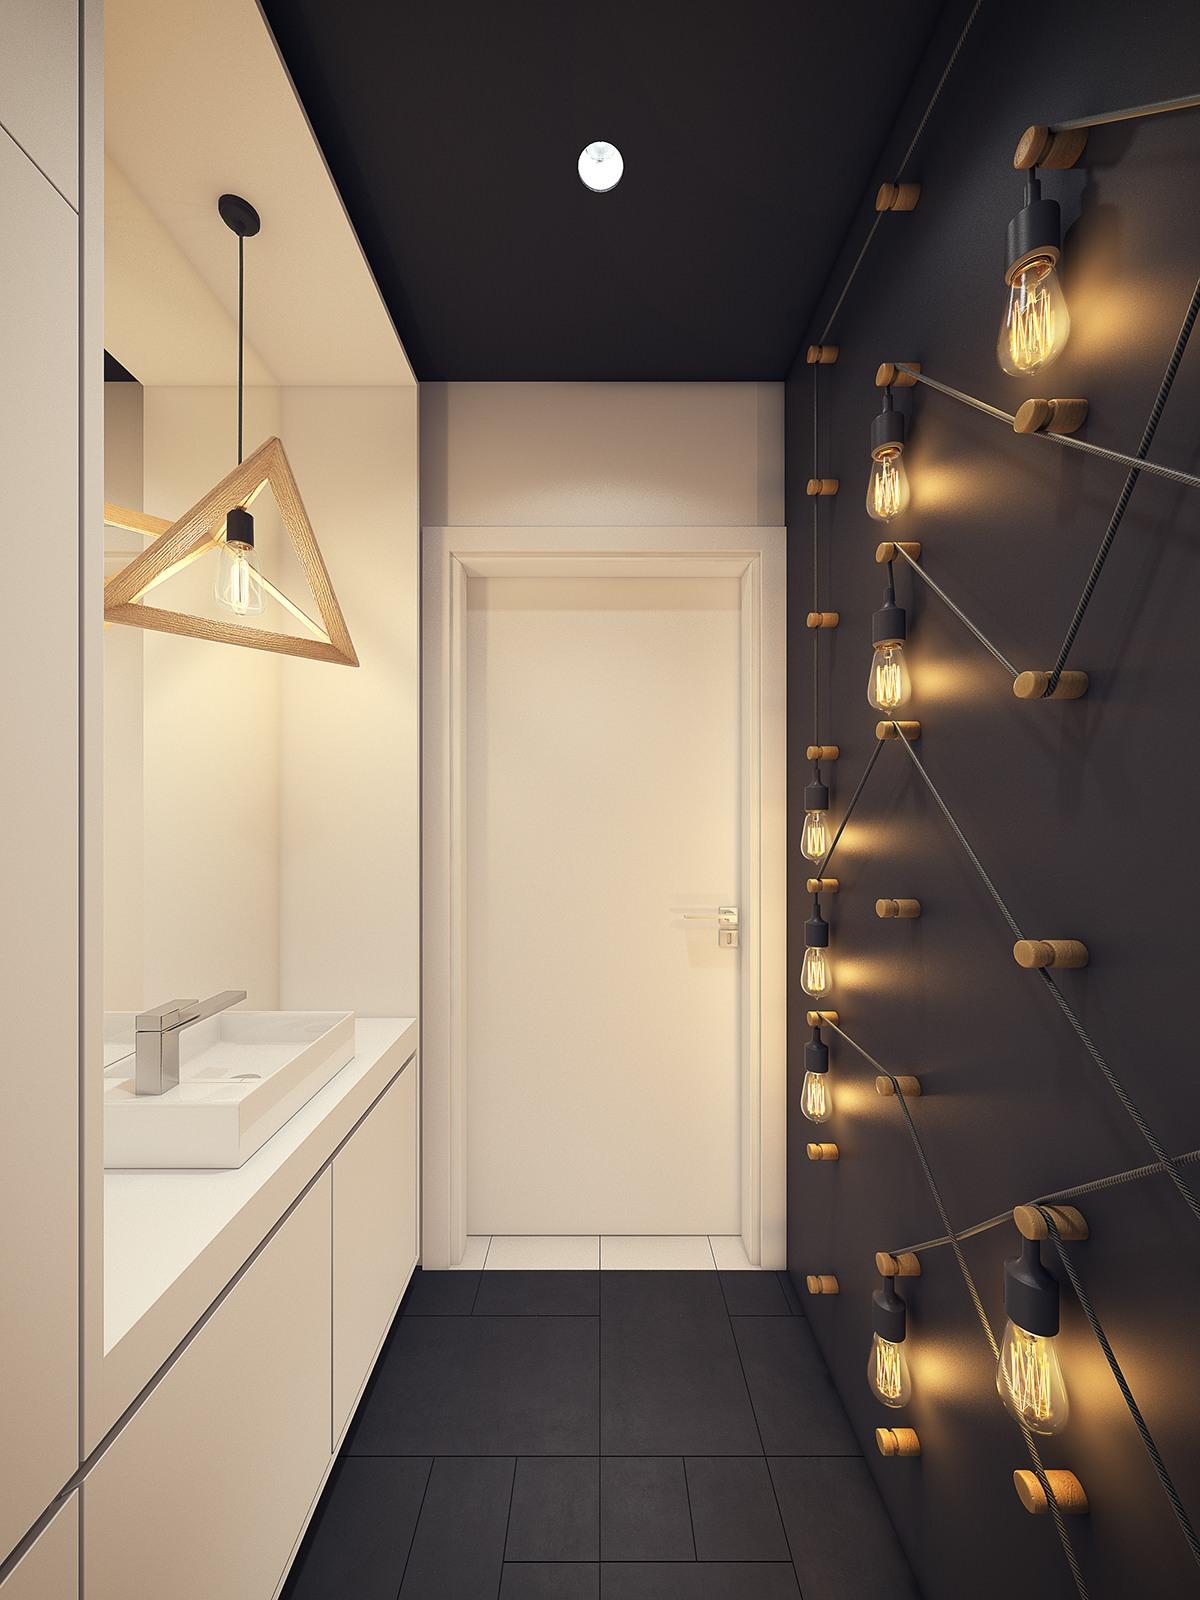 interioren-proekt-za-apartament-v-moderen-skandinavski-stil-919g